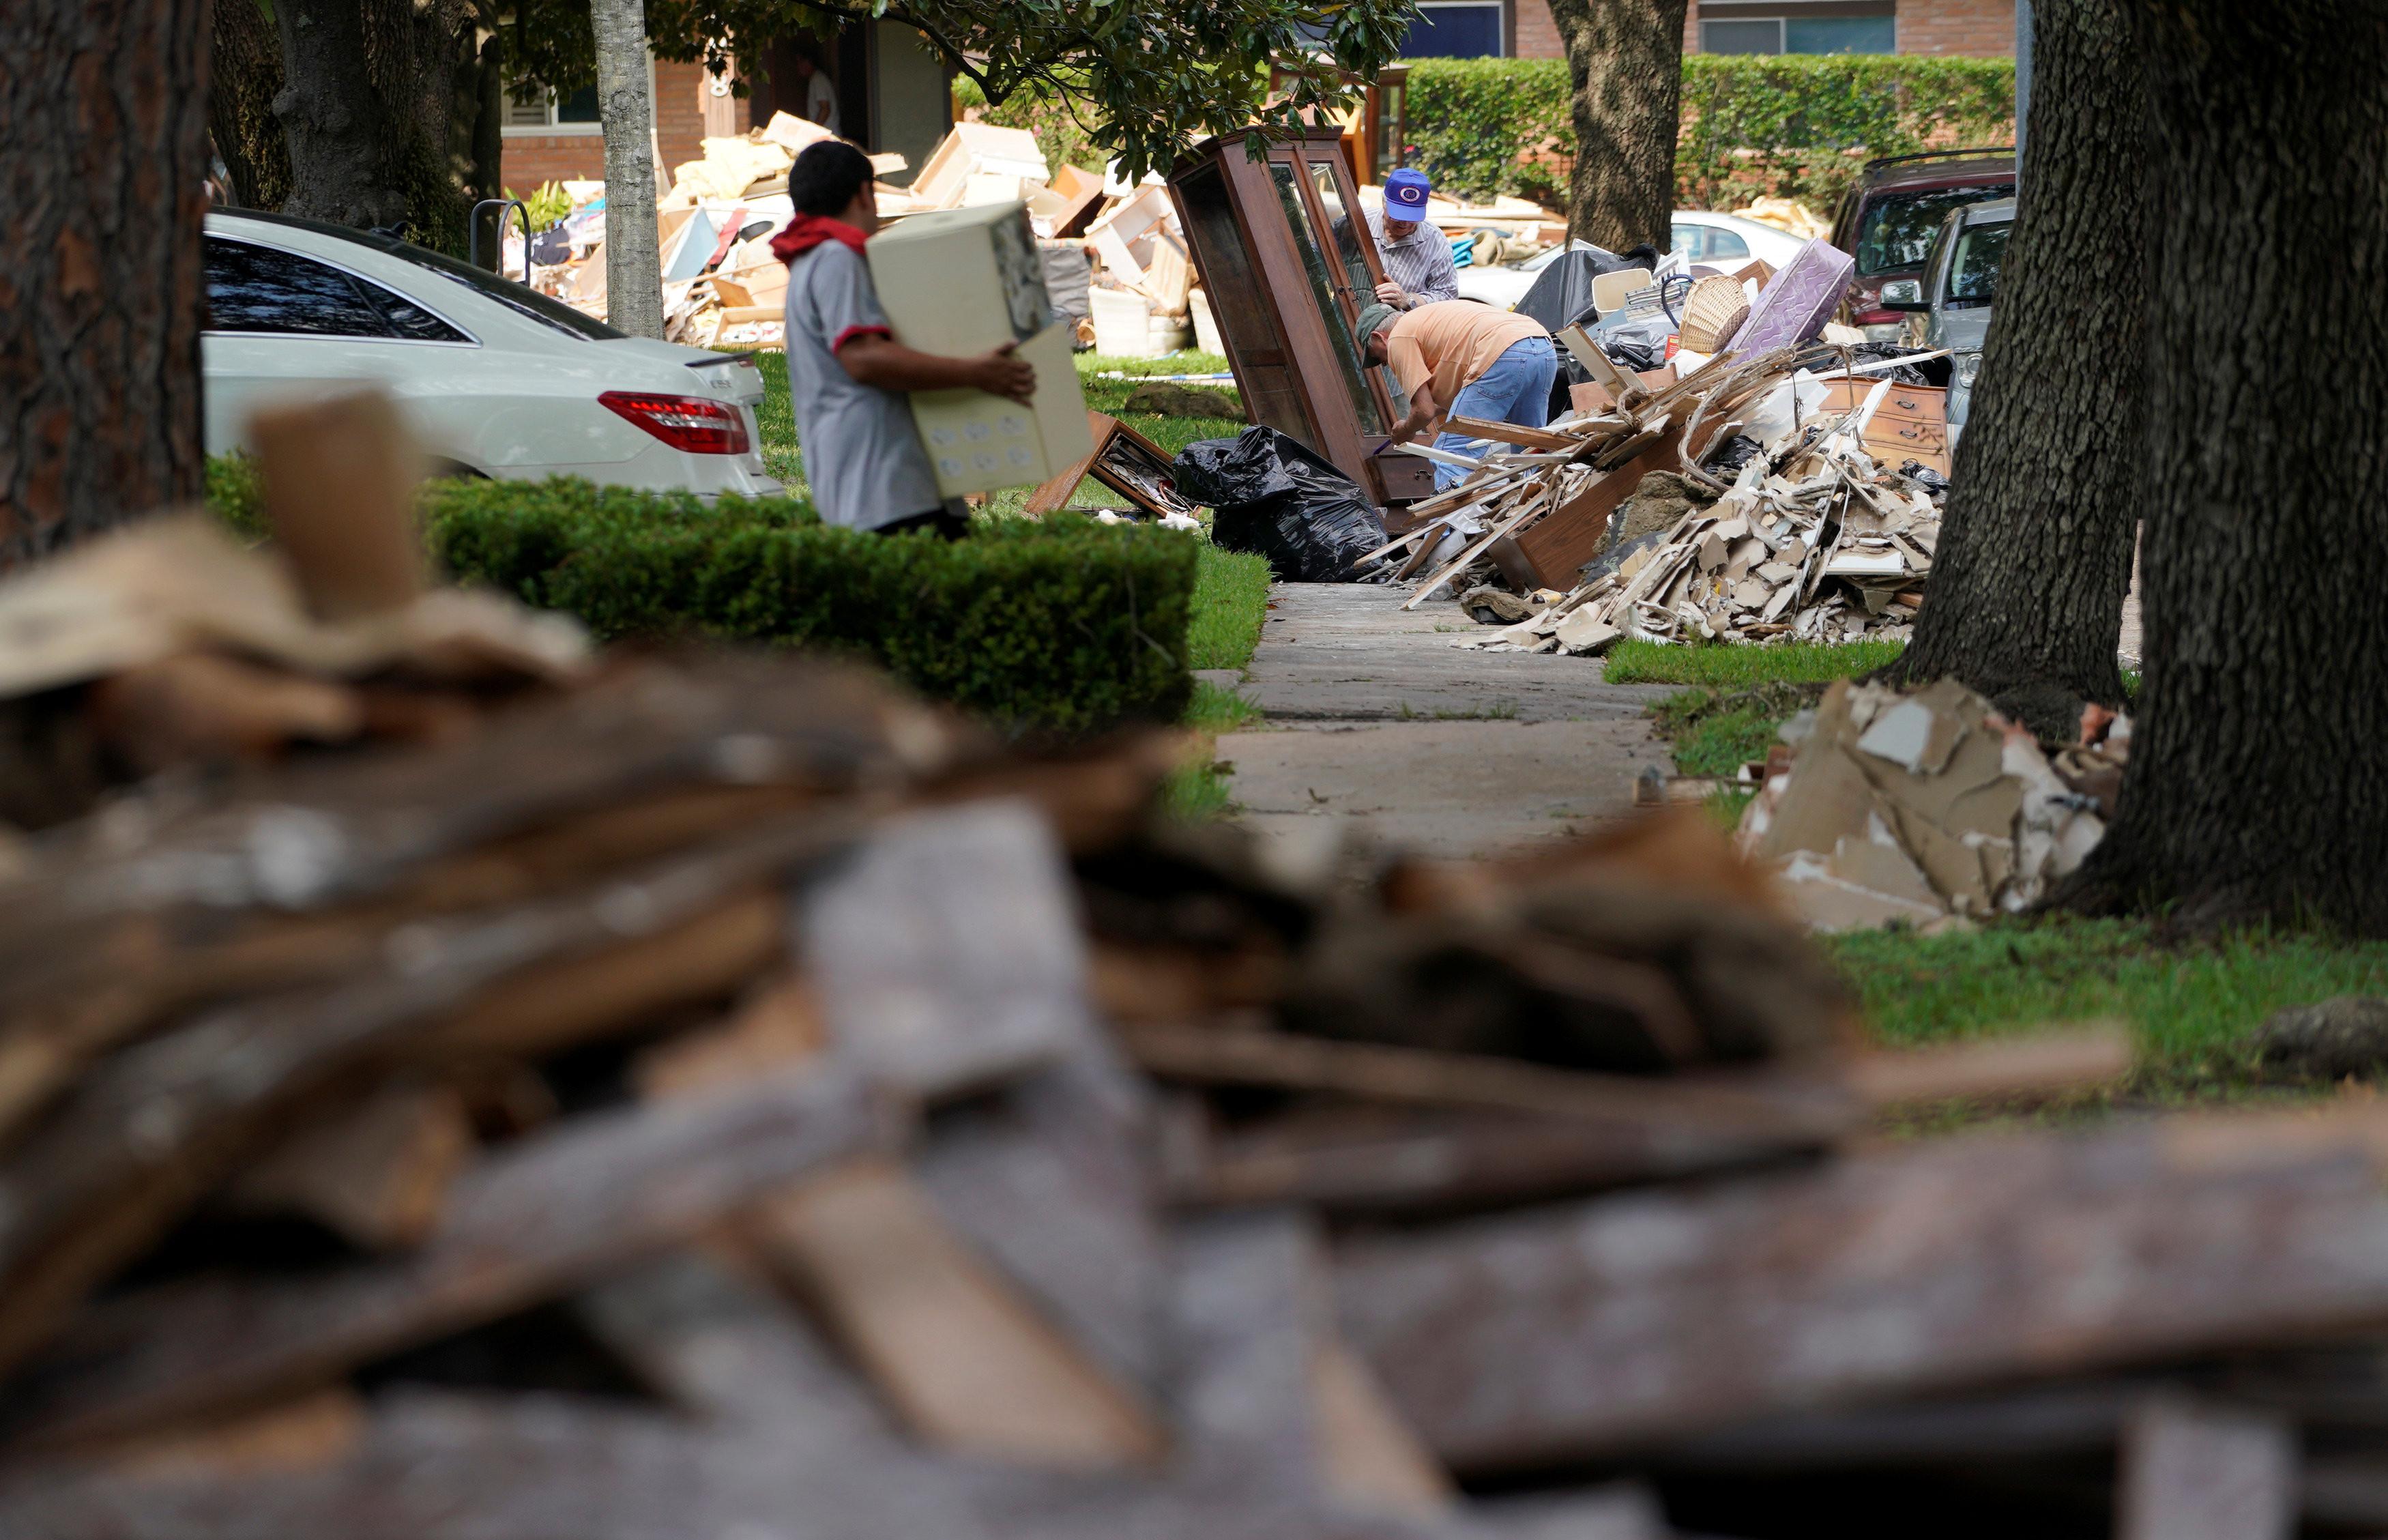 помощь после урагана харви фото химических медикаментозных